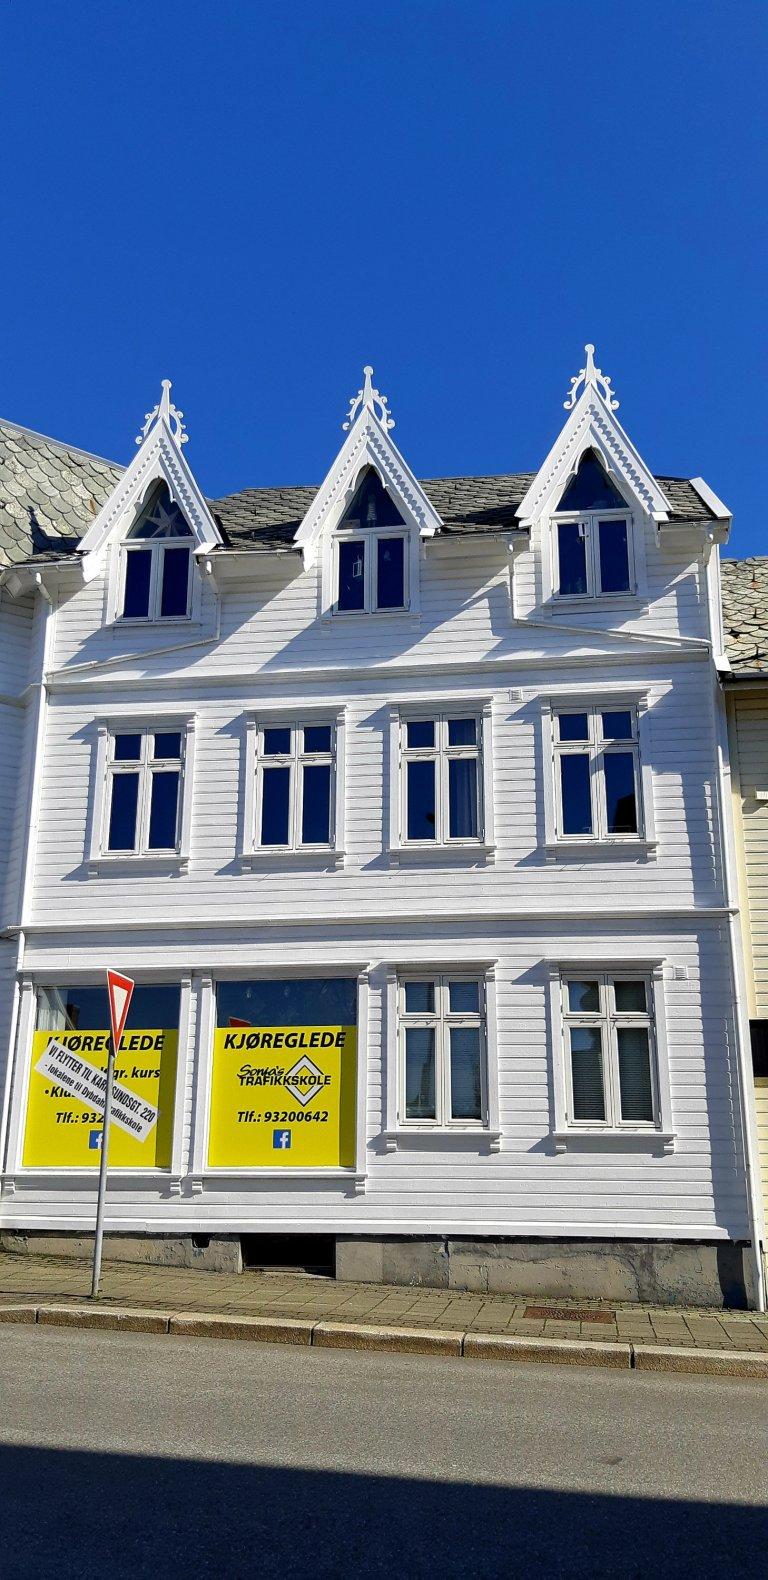 Haugesund old houses